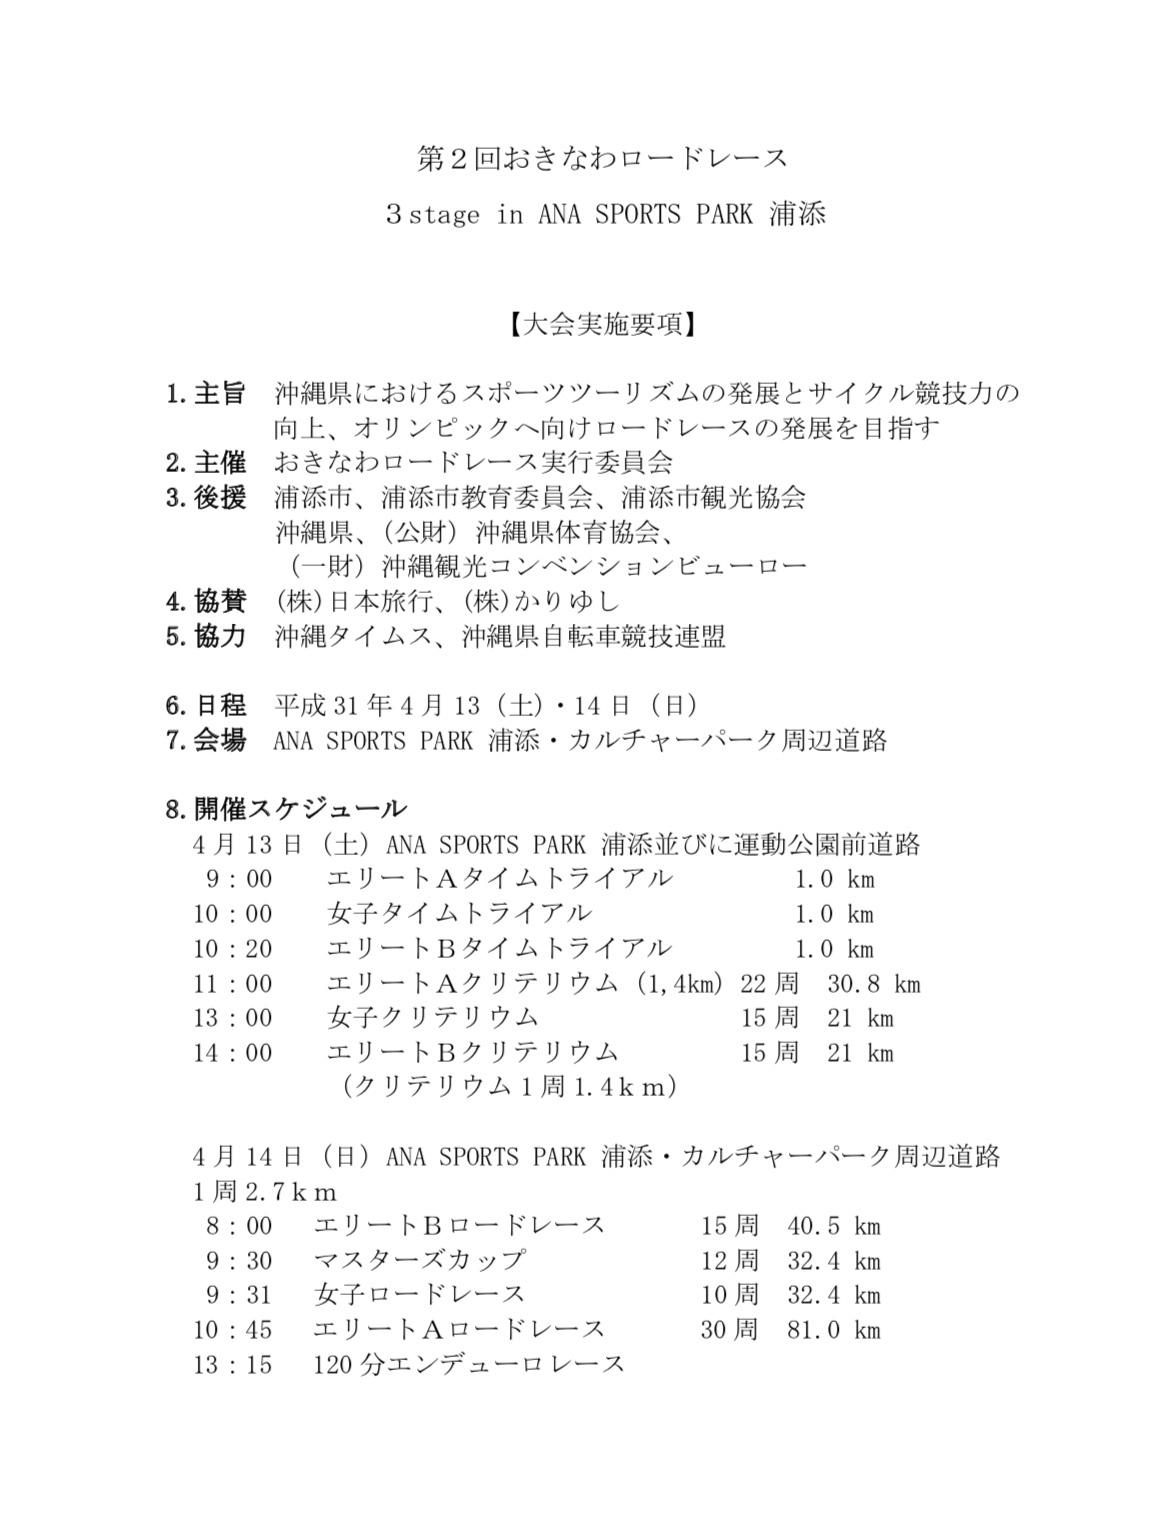 3/15迄。4/13.14(土.日)〝おきなわロードレース〟 3ステージ in ANA SPORTS PARK 浦添_e0363689_16354939.jpeg